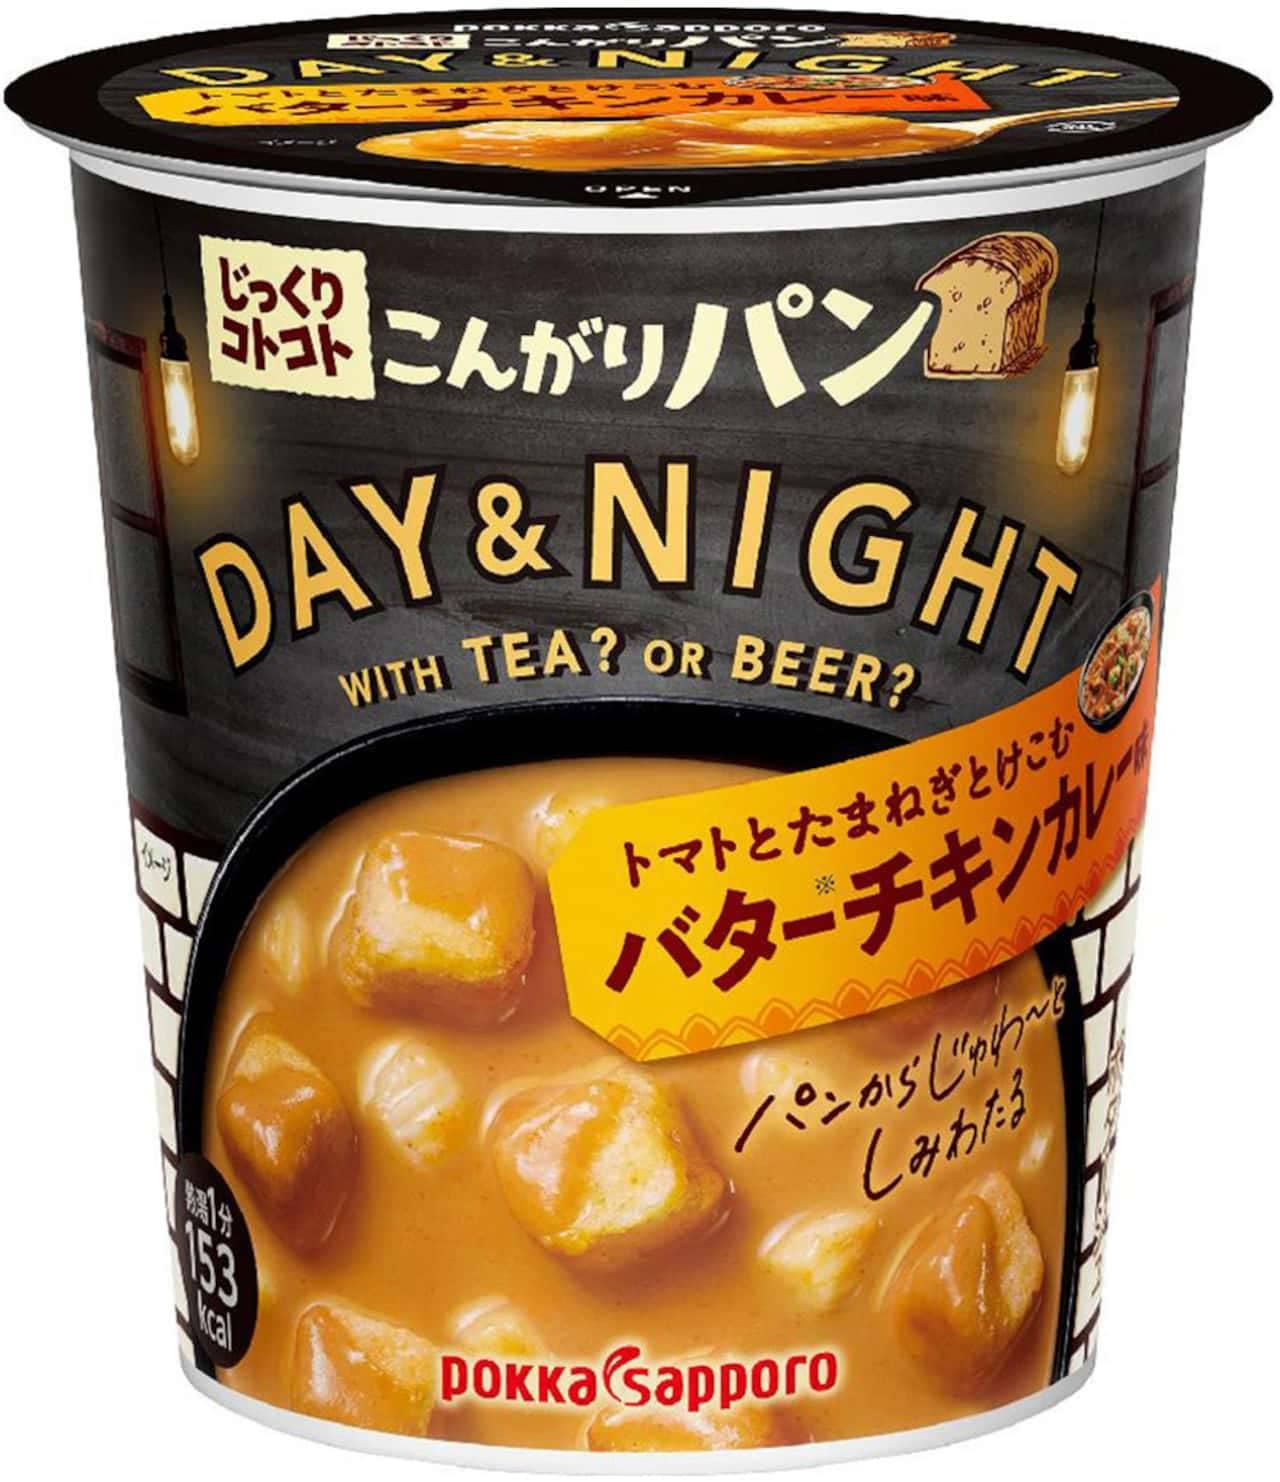 カップスープ「じっくりコトコトこんがりパン」に「DAY&NIGHTジャーマンポテト味」「DAY&NIGHTバターチキンカレー」